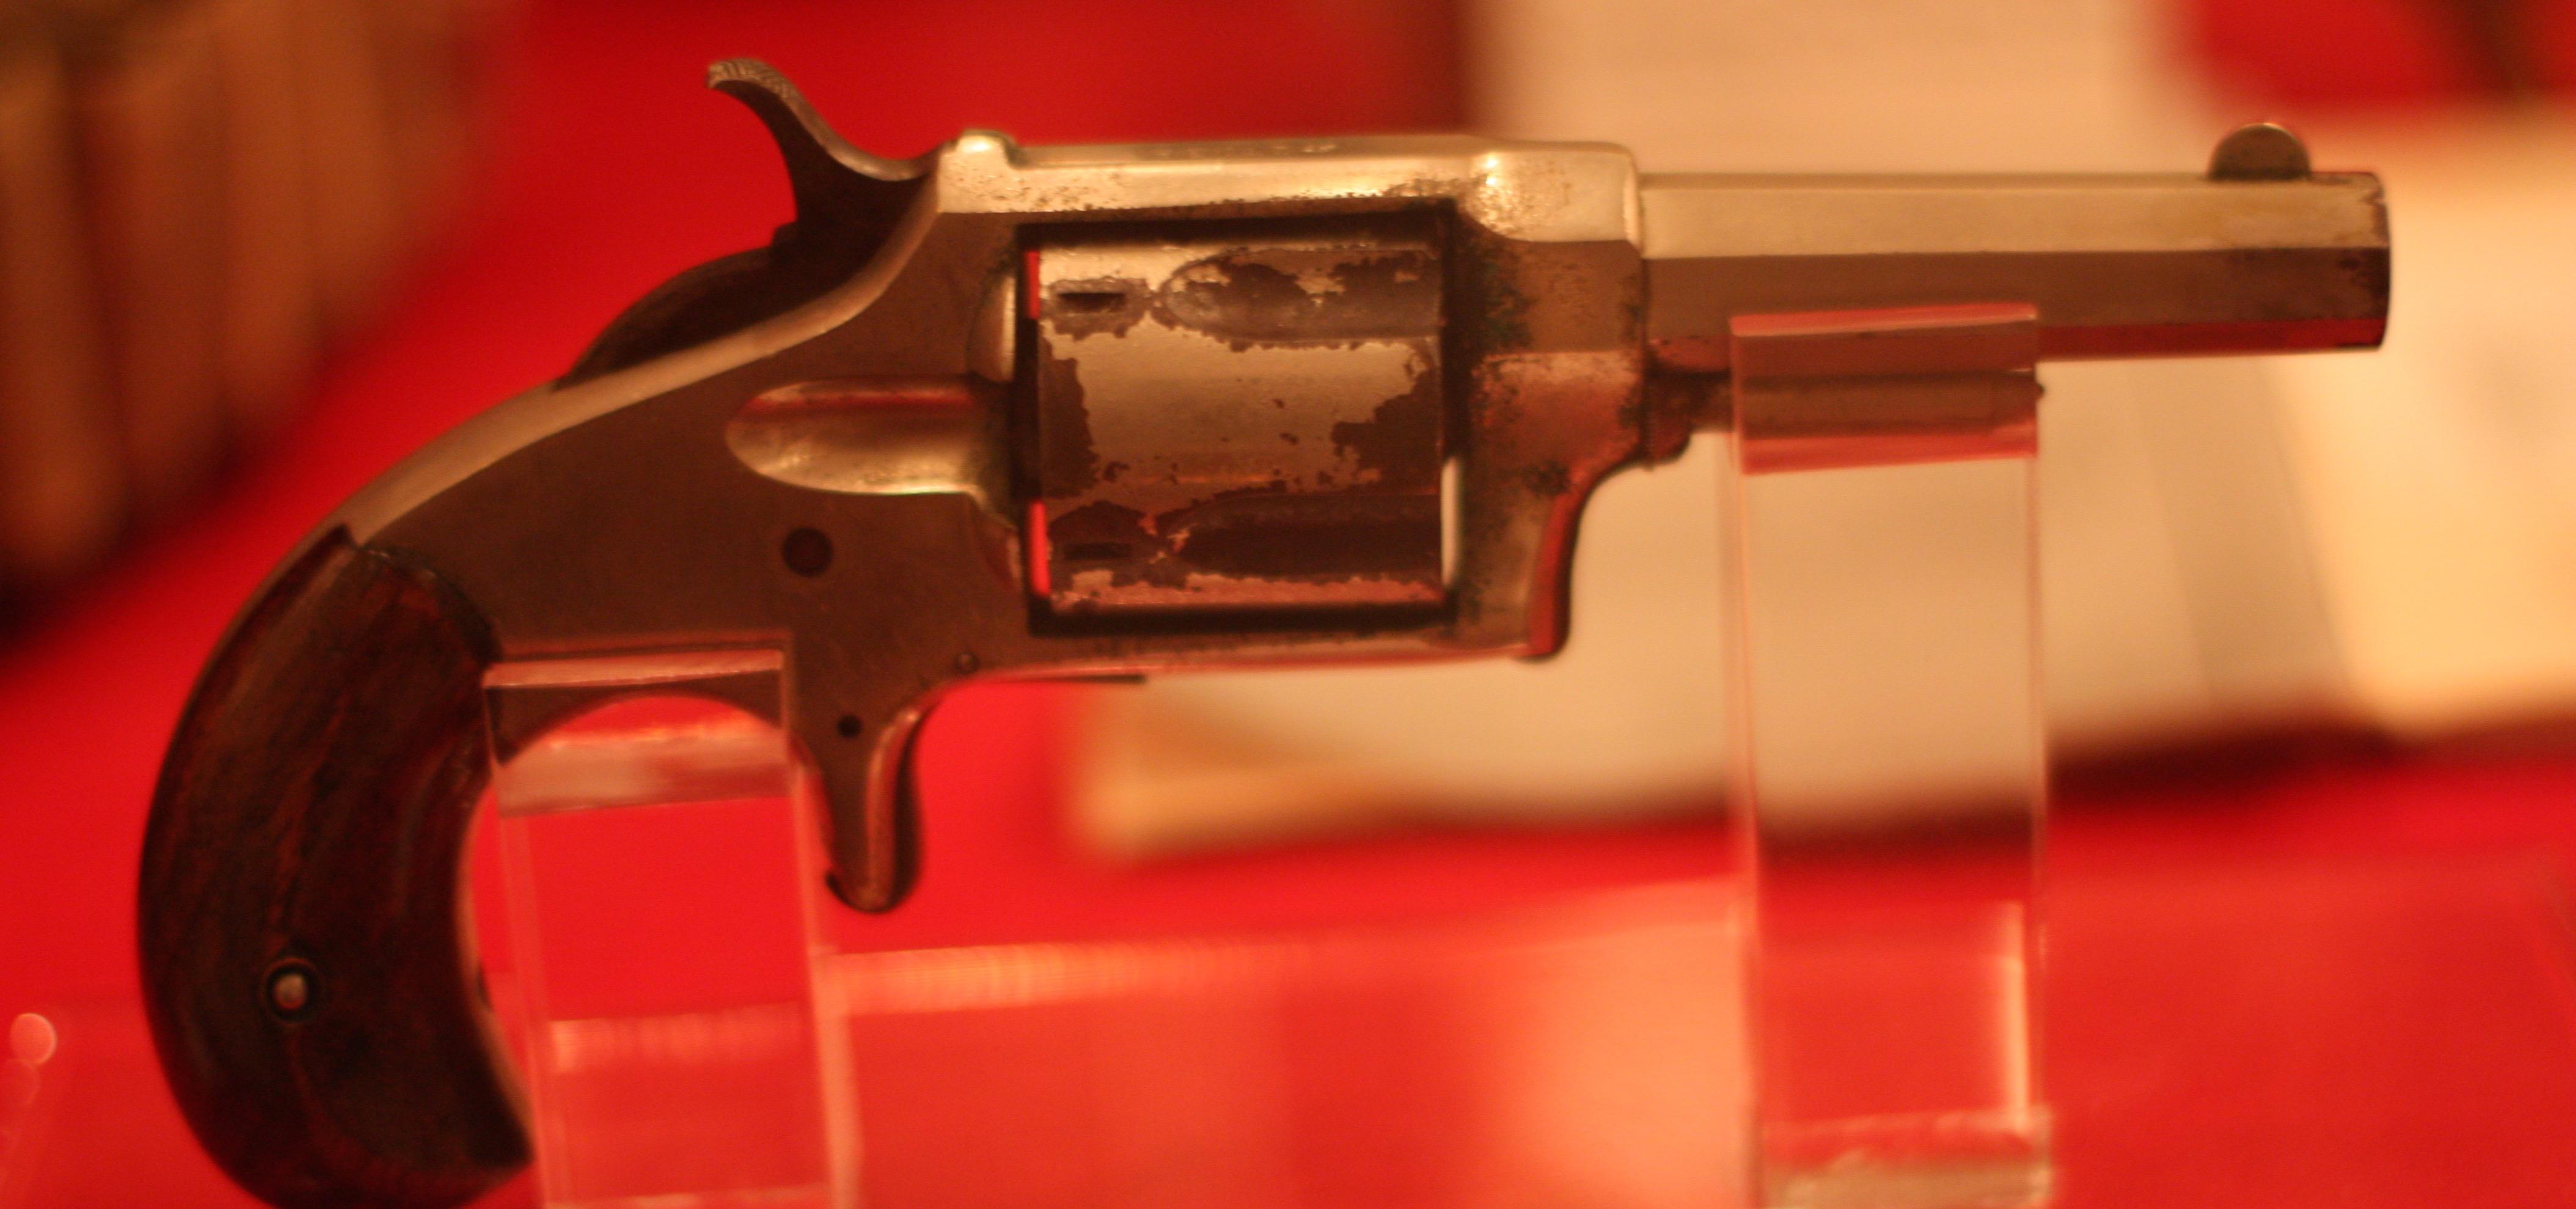 Pistol Belonging to CSgt Winter